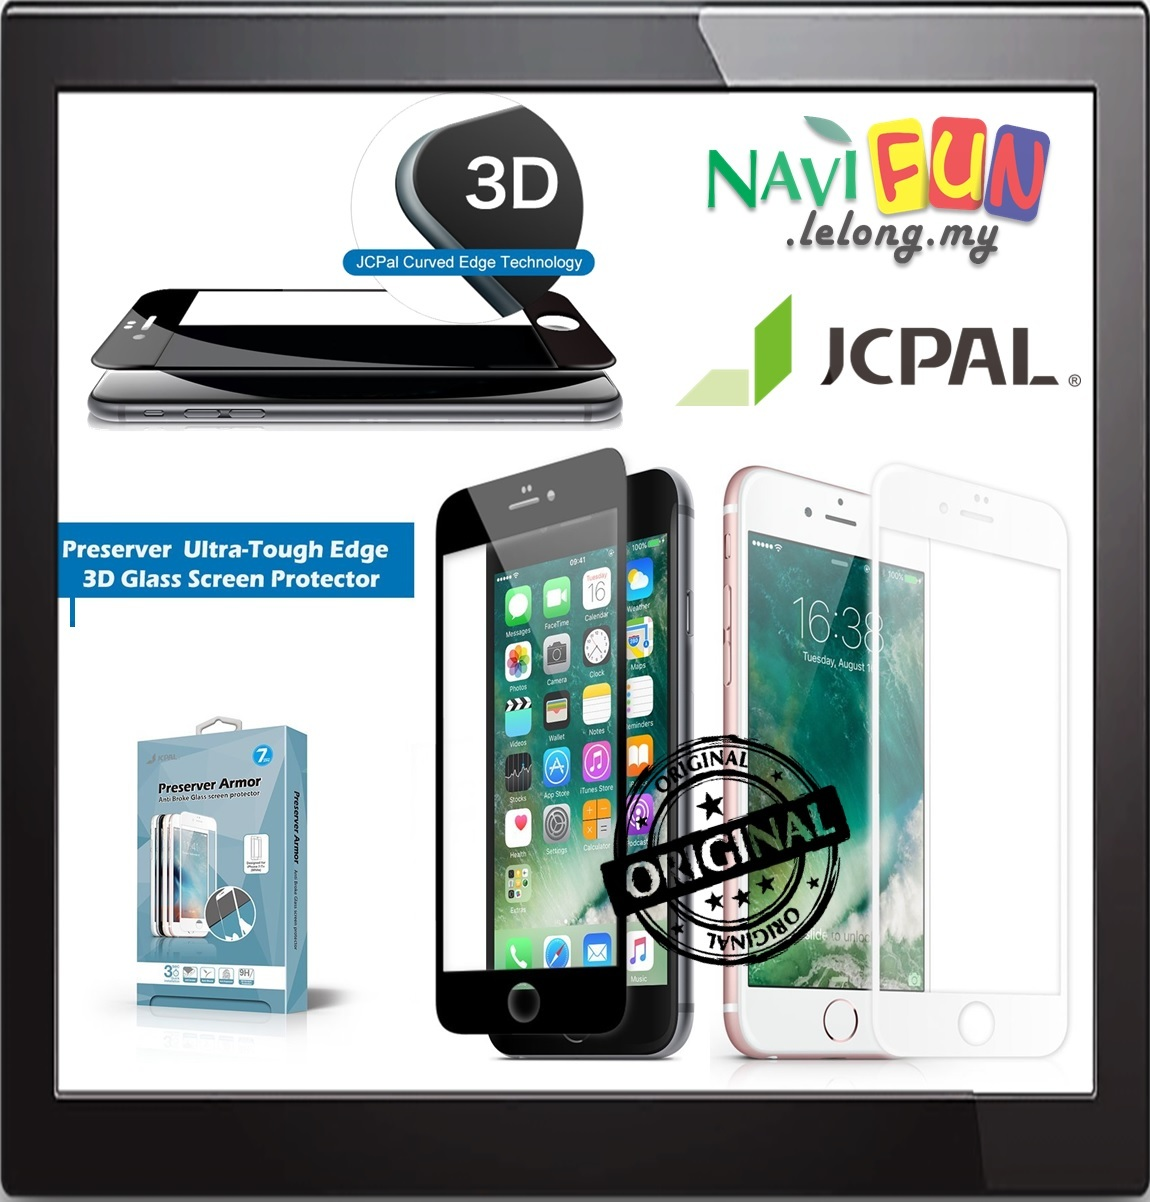 JCPALiP7+.jpg